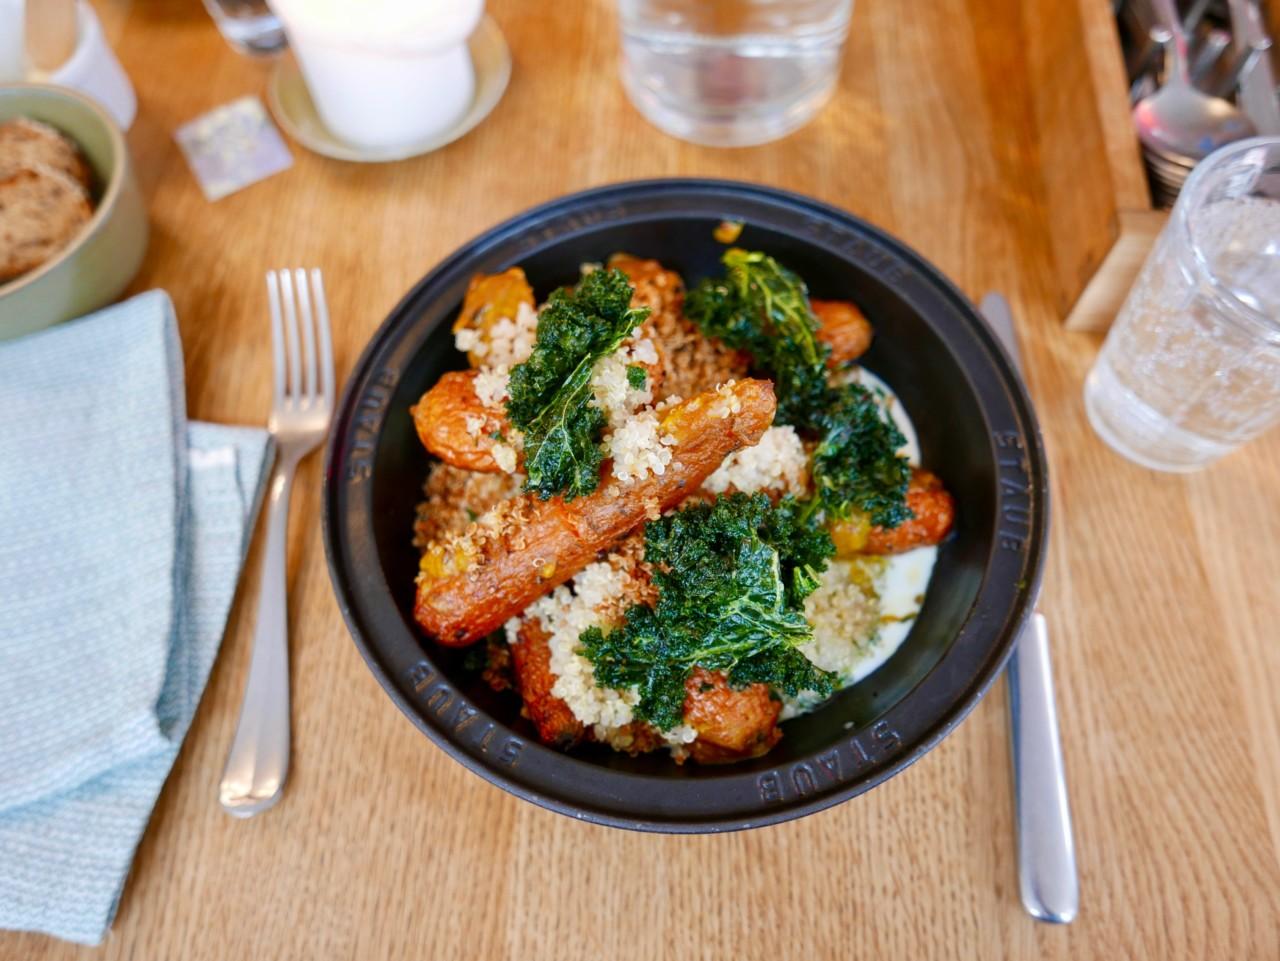 matbaren-renaa-bakte-regnbue-gulrotter-tagine-vegetar-mat